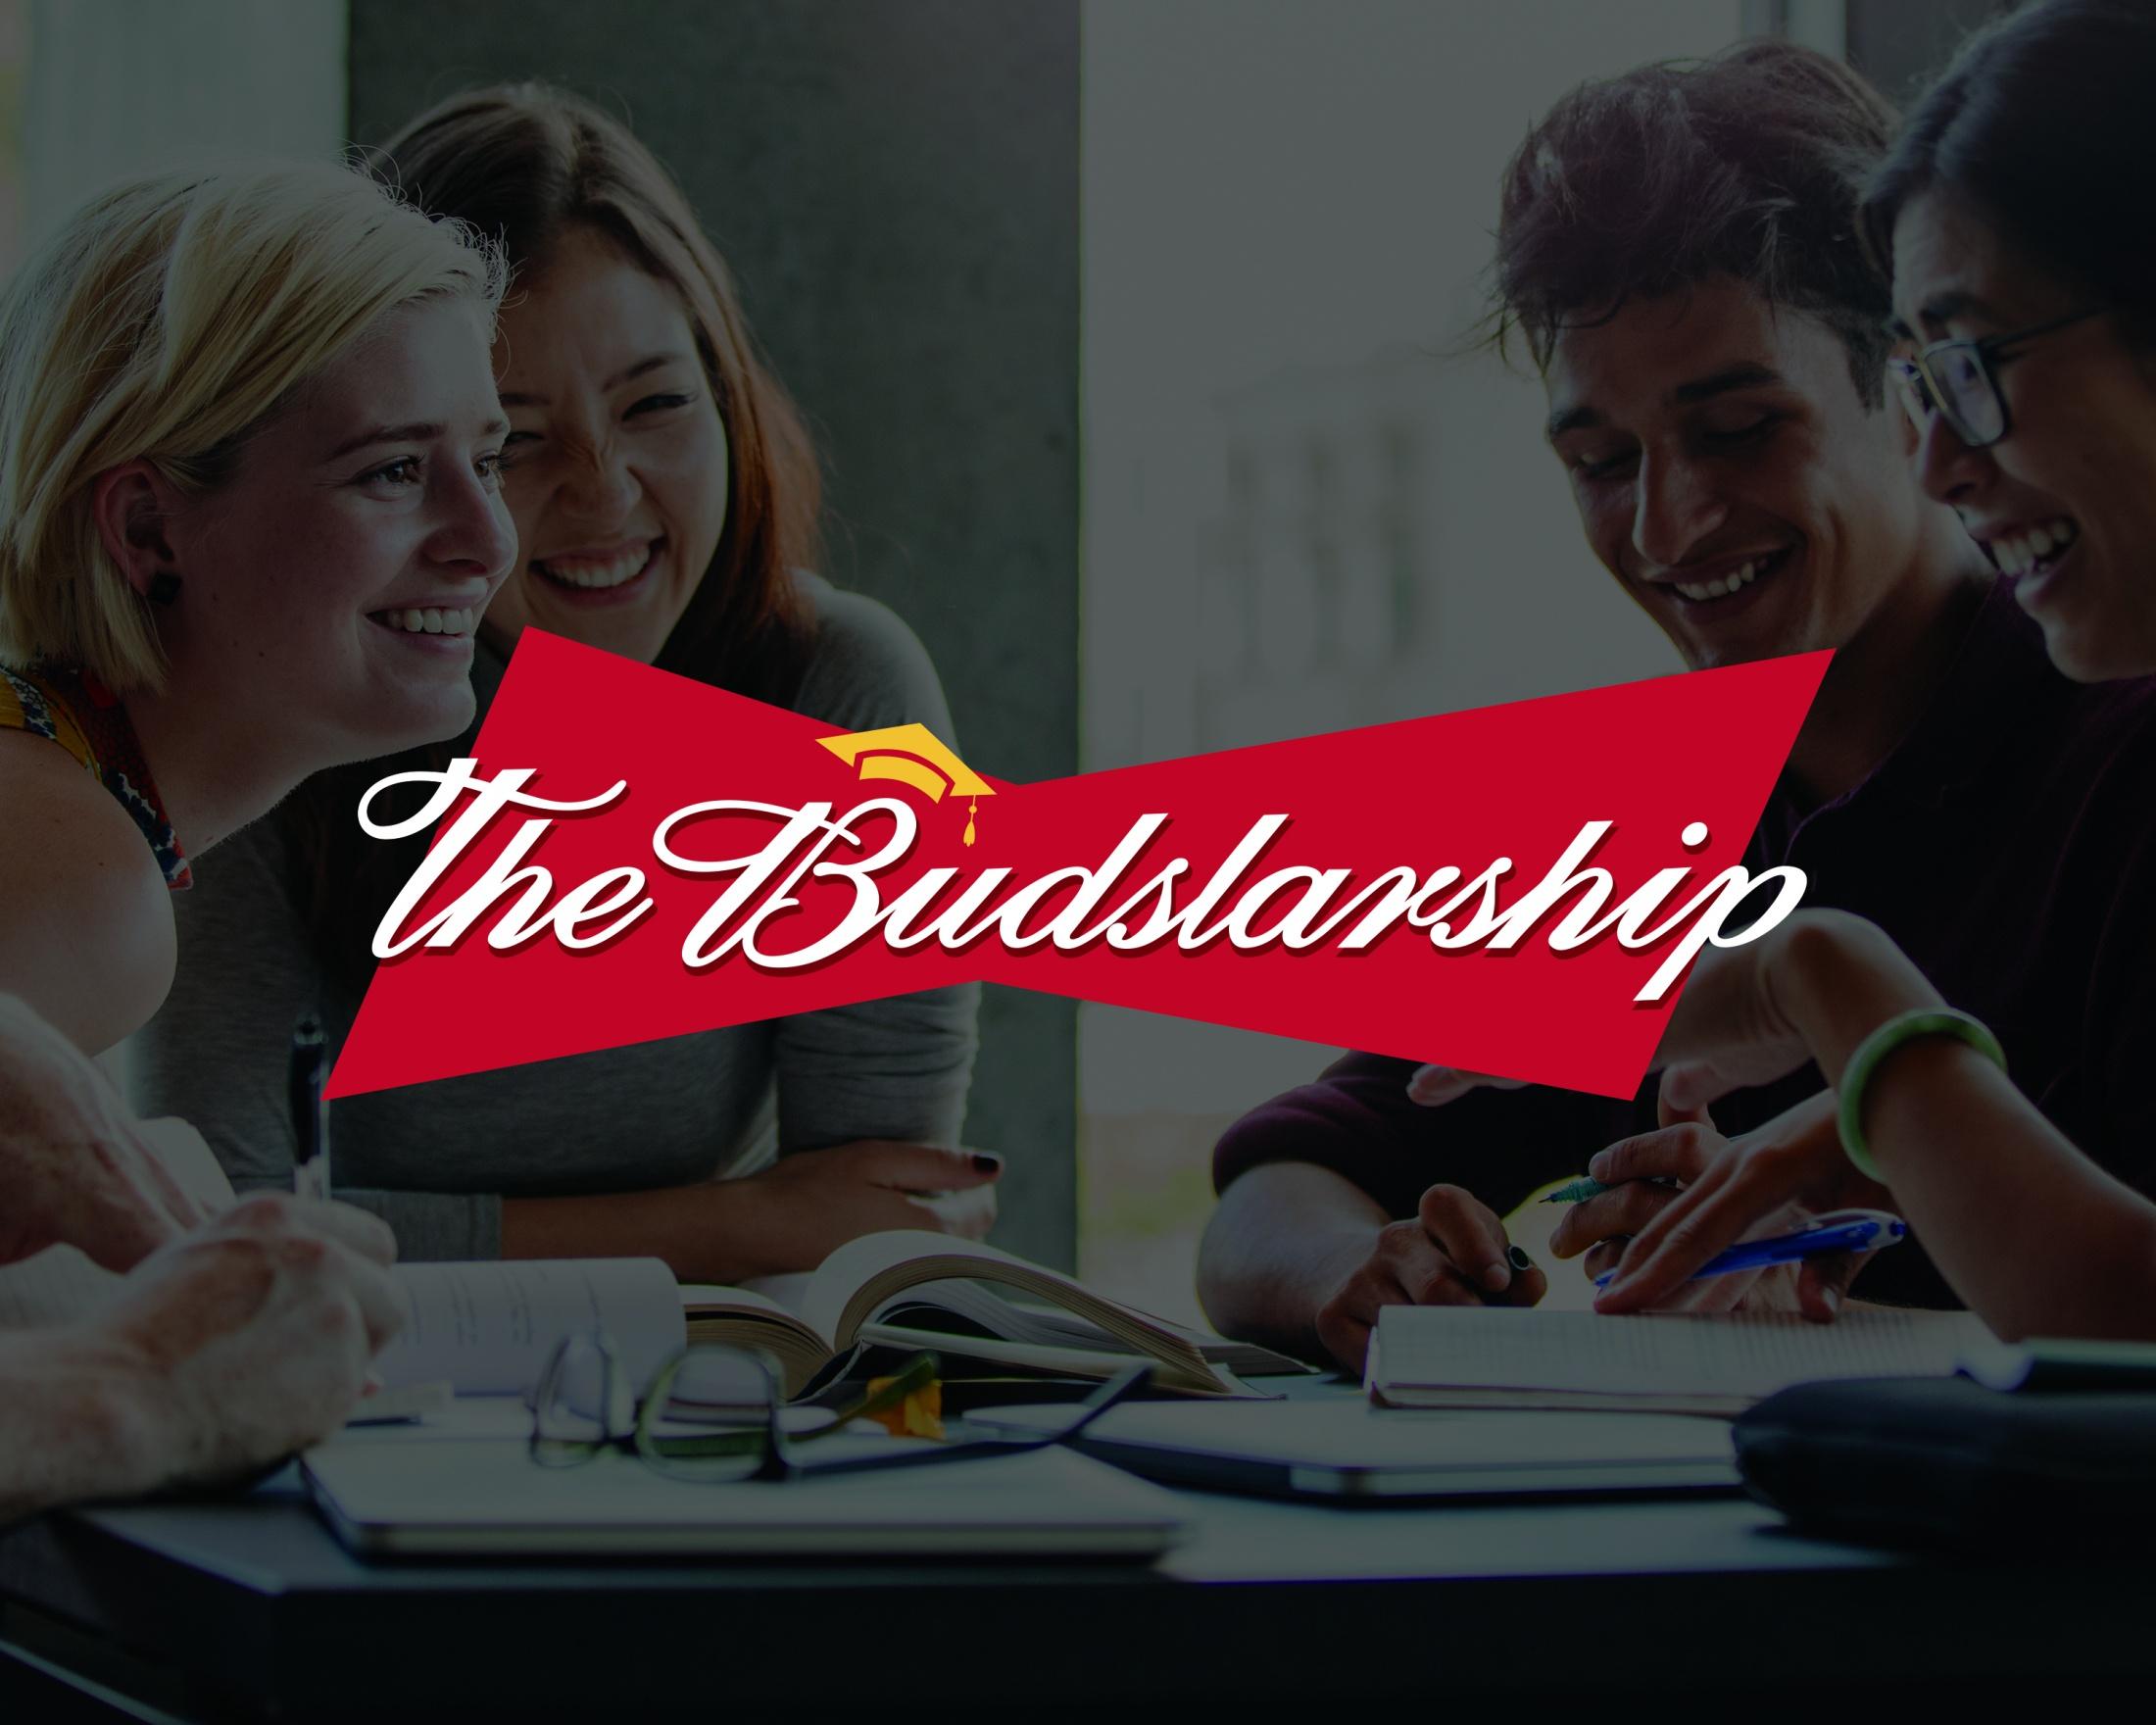 Thumbnail for Budweiser Budslarship